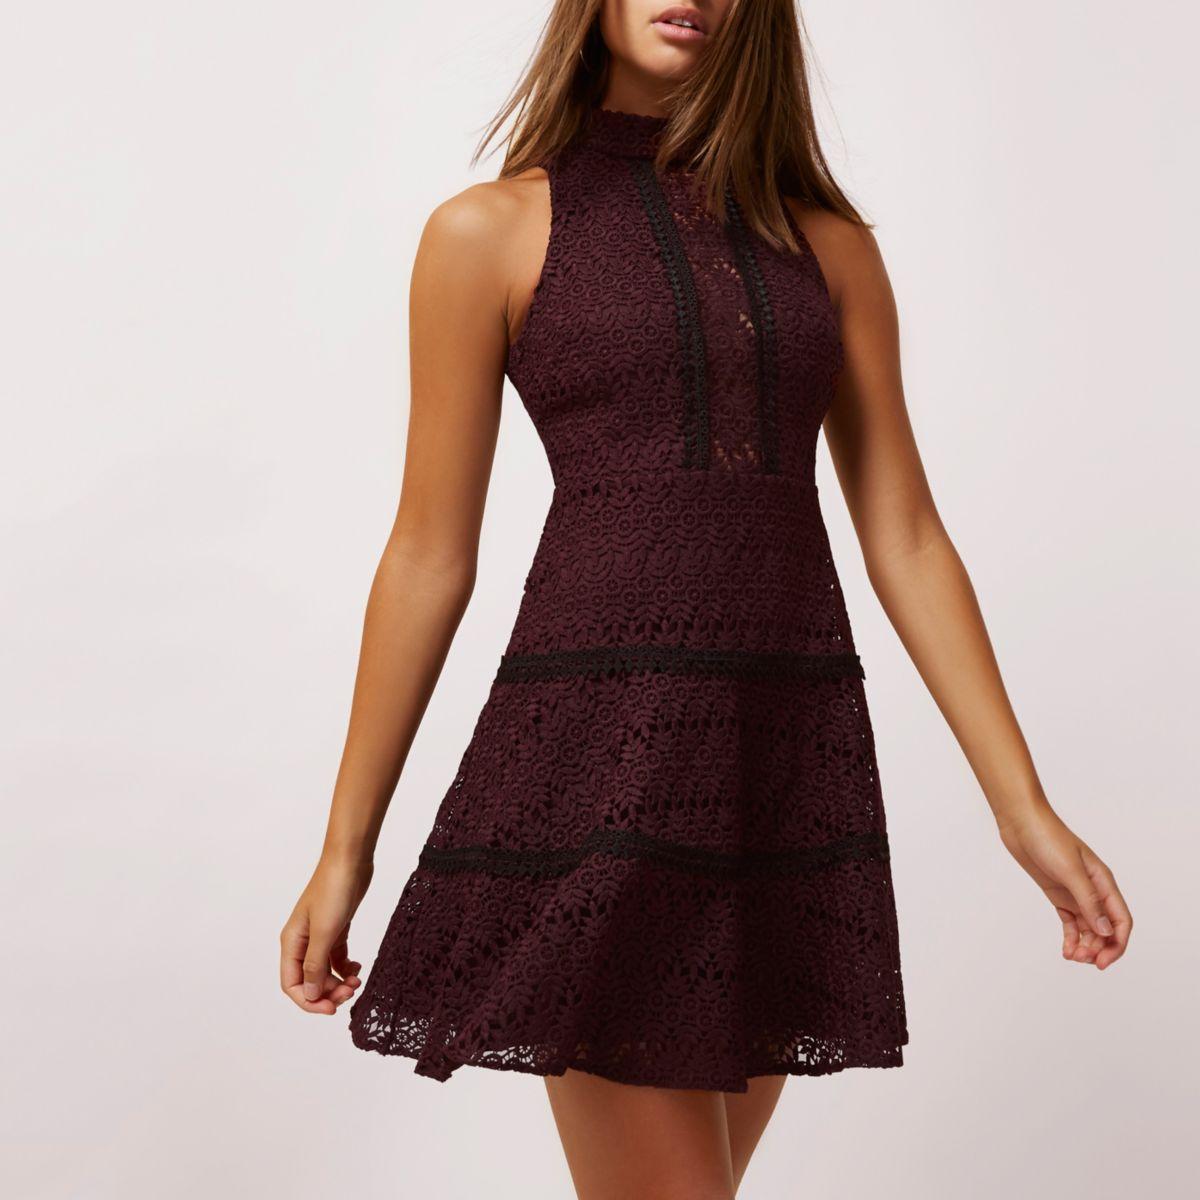 Dark red crochet high neck skater dress